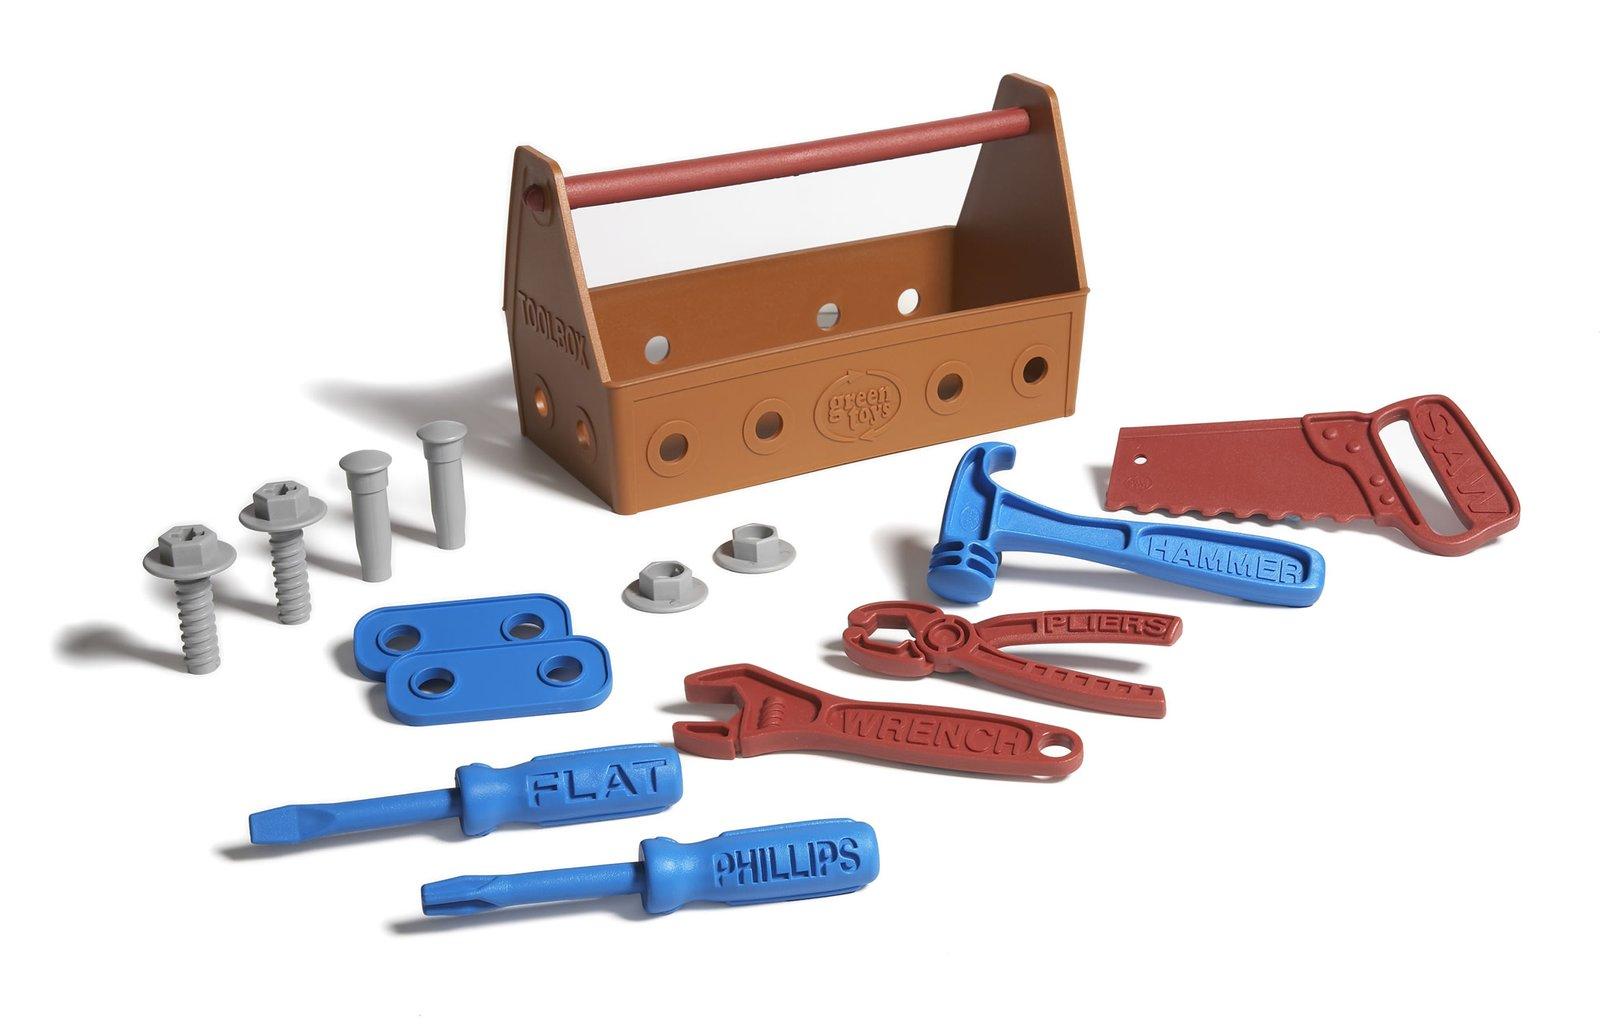 Toy Tool Set : Green toys tool set